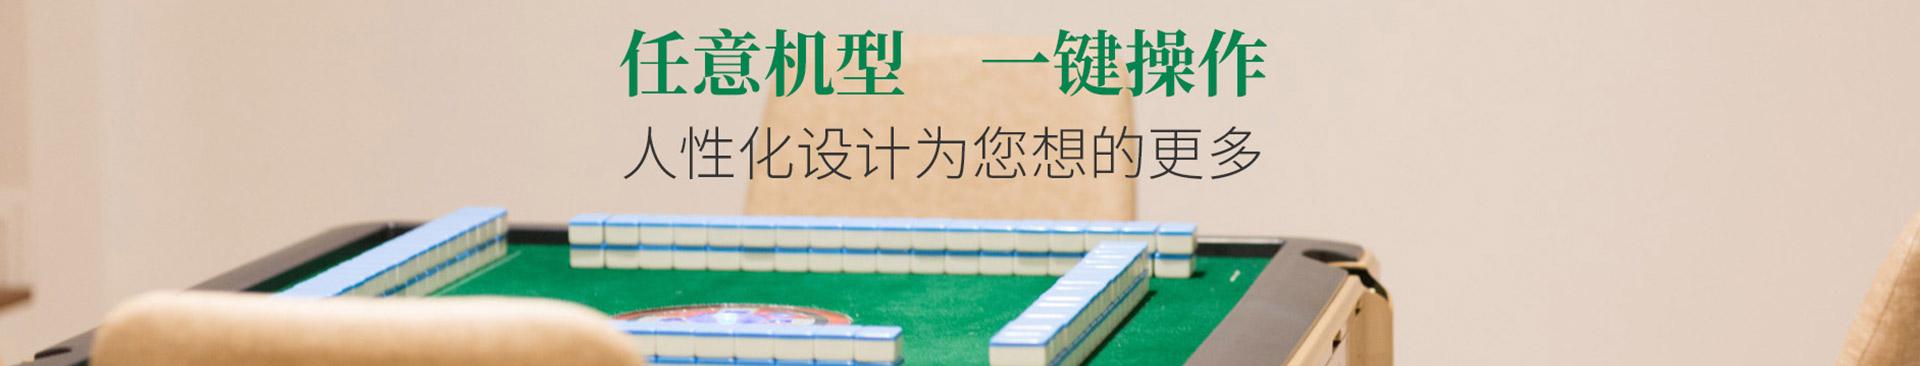 重庆麻将机厂家